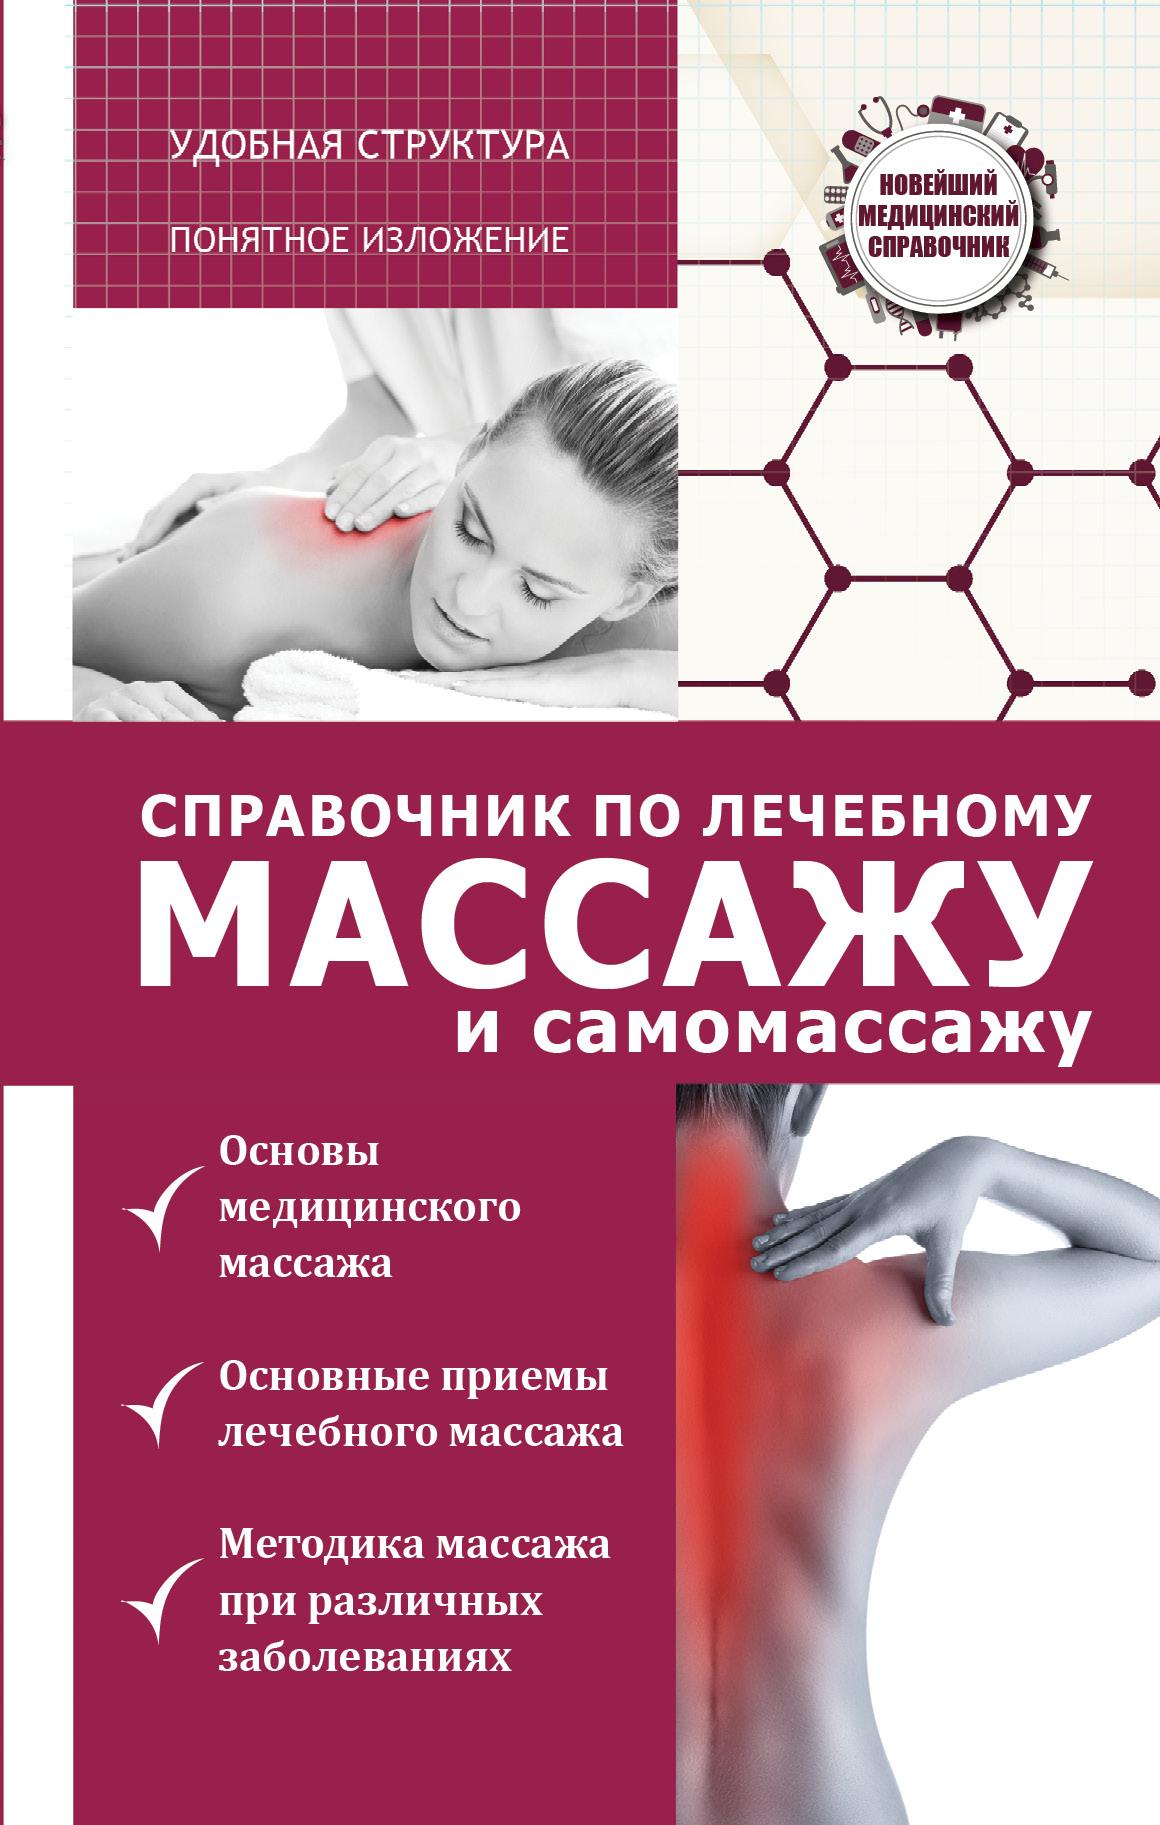 Справочник по лечебному массажу и самомассажу. От диагноза к лечению. В. А. Кортунов